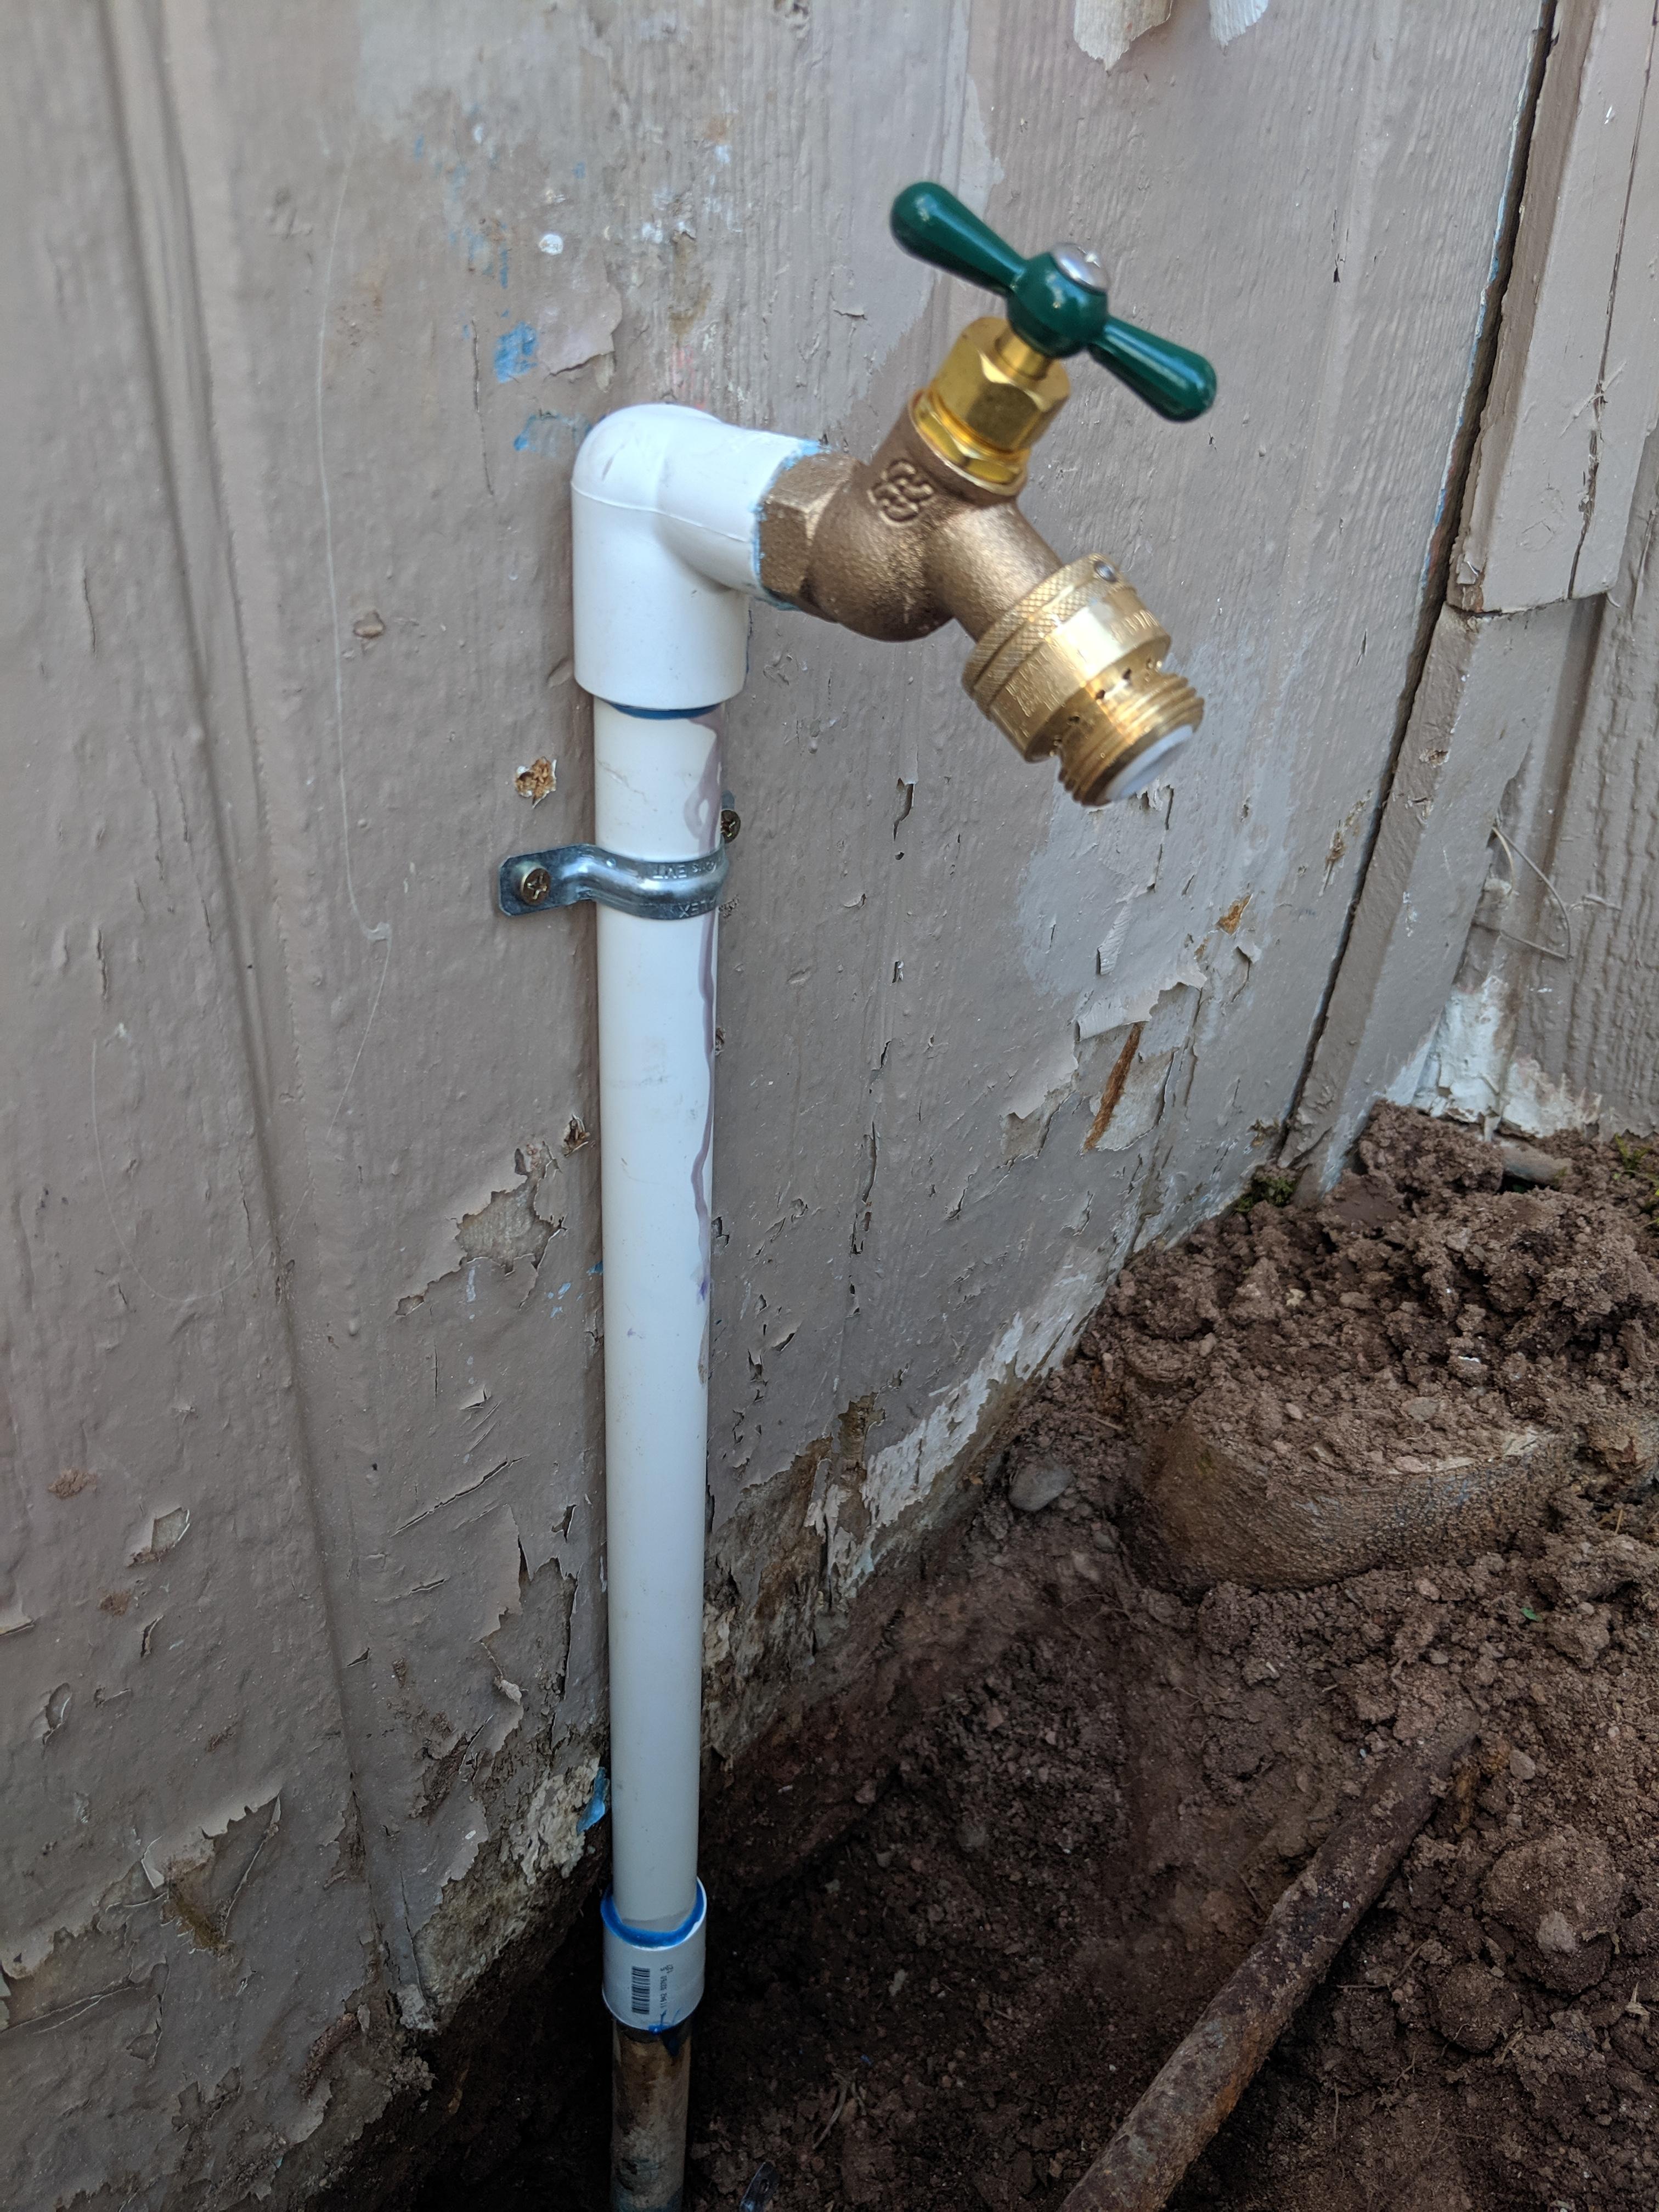 Hose Bib Installation In Chandler Arizona Asap Plumbing